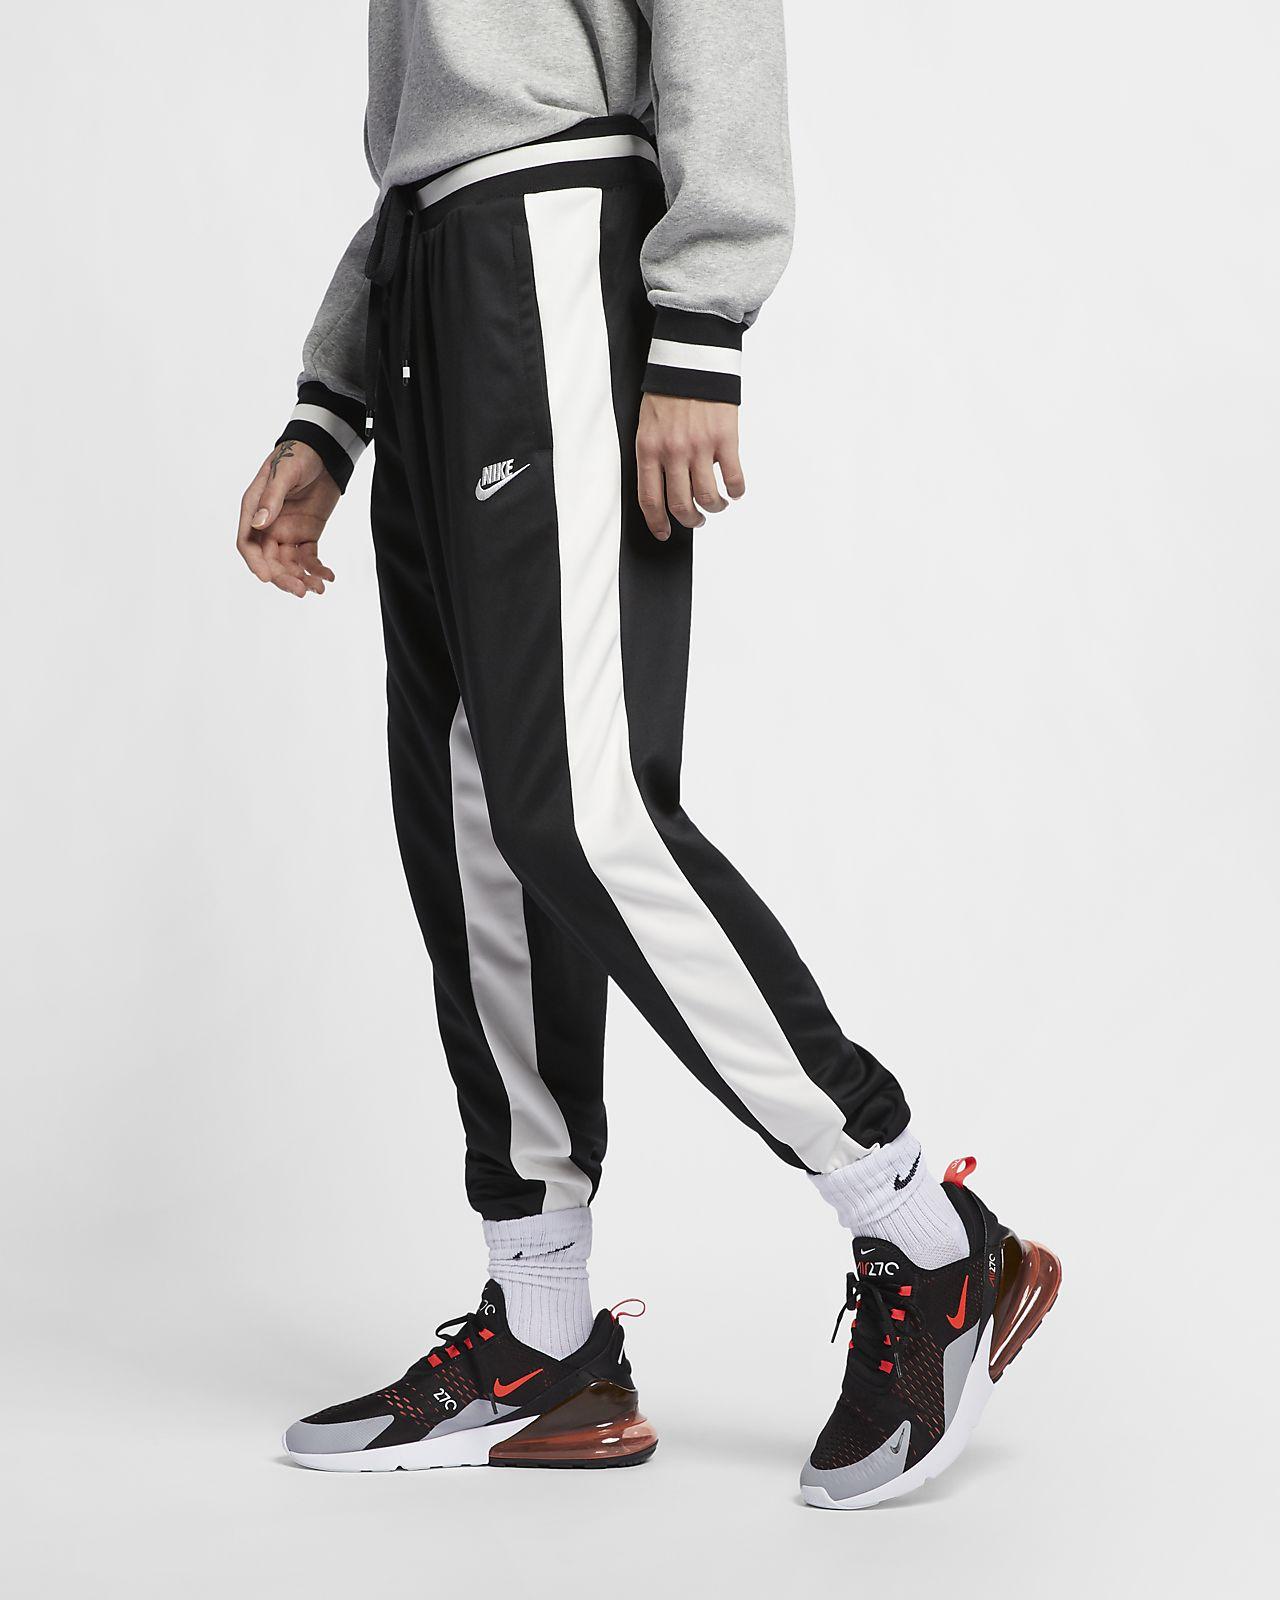 Low Resolution Nike Air Men s Trousers Nike Air Men s Trousers b63cd89d64